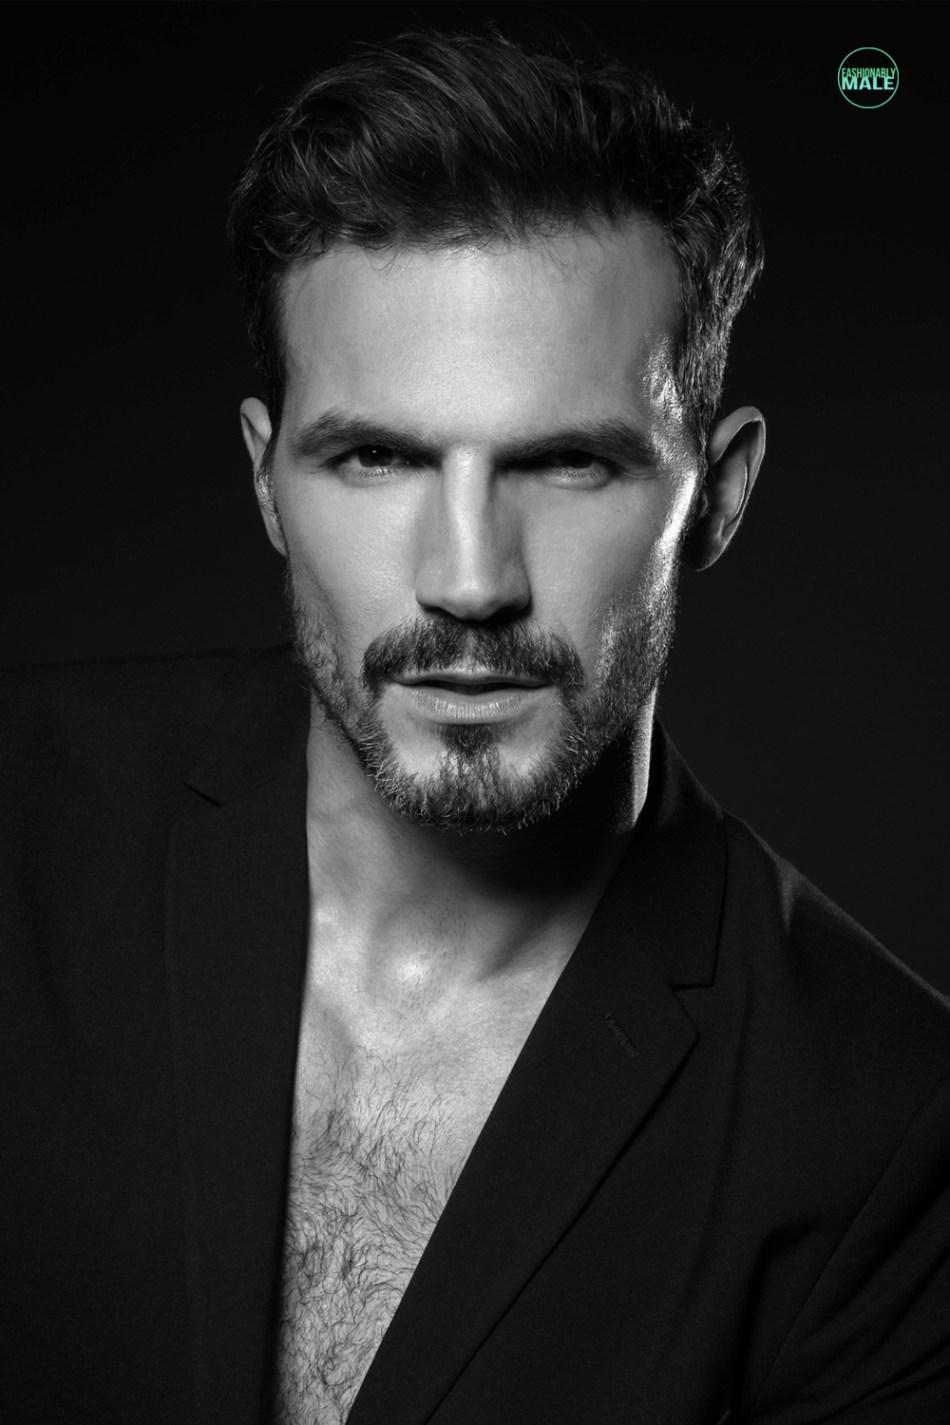 Adam Cowie by Malc Stone Fashionably Male1